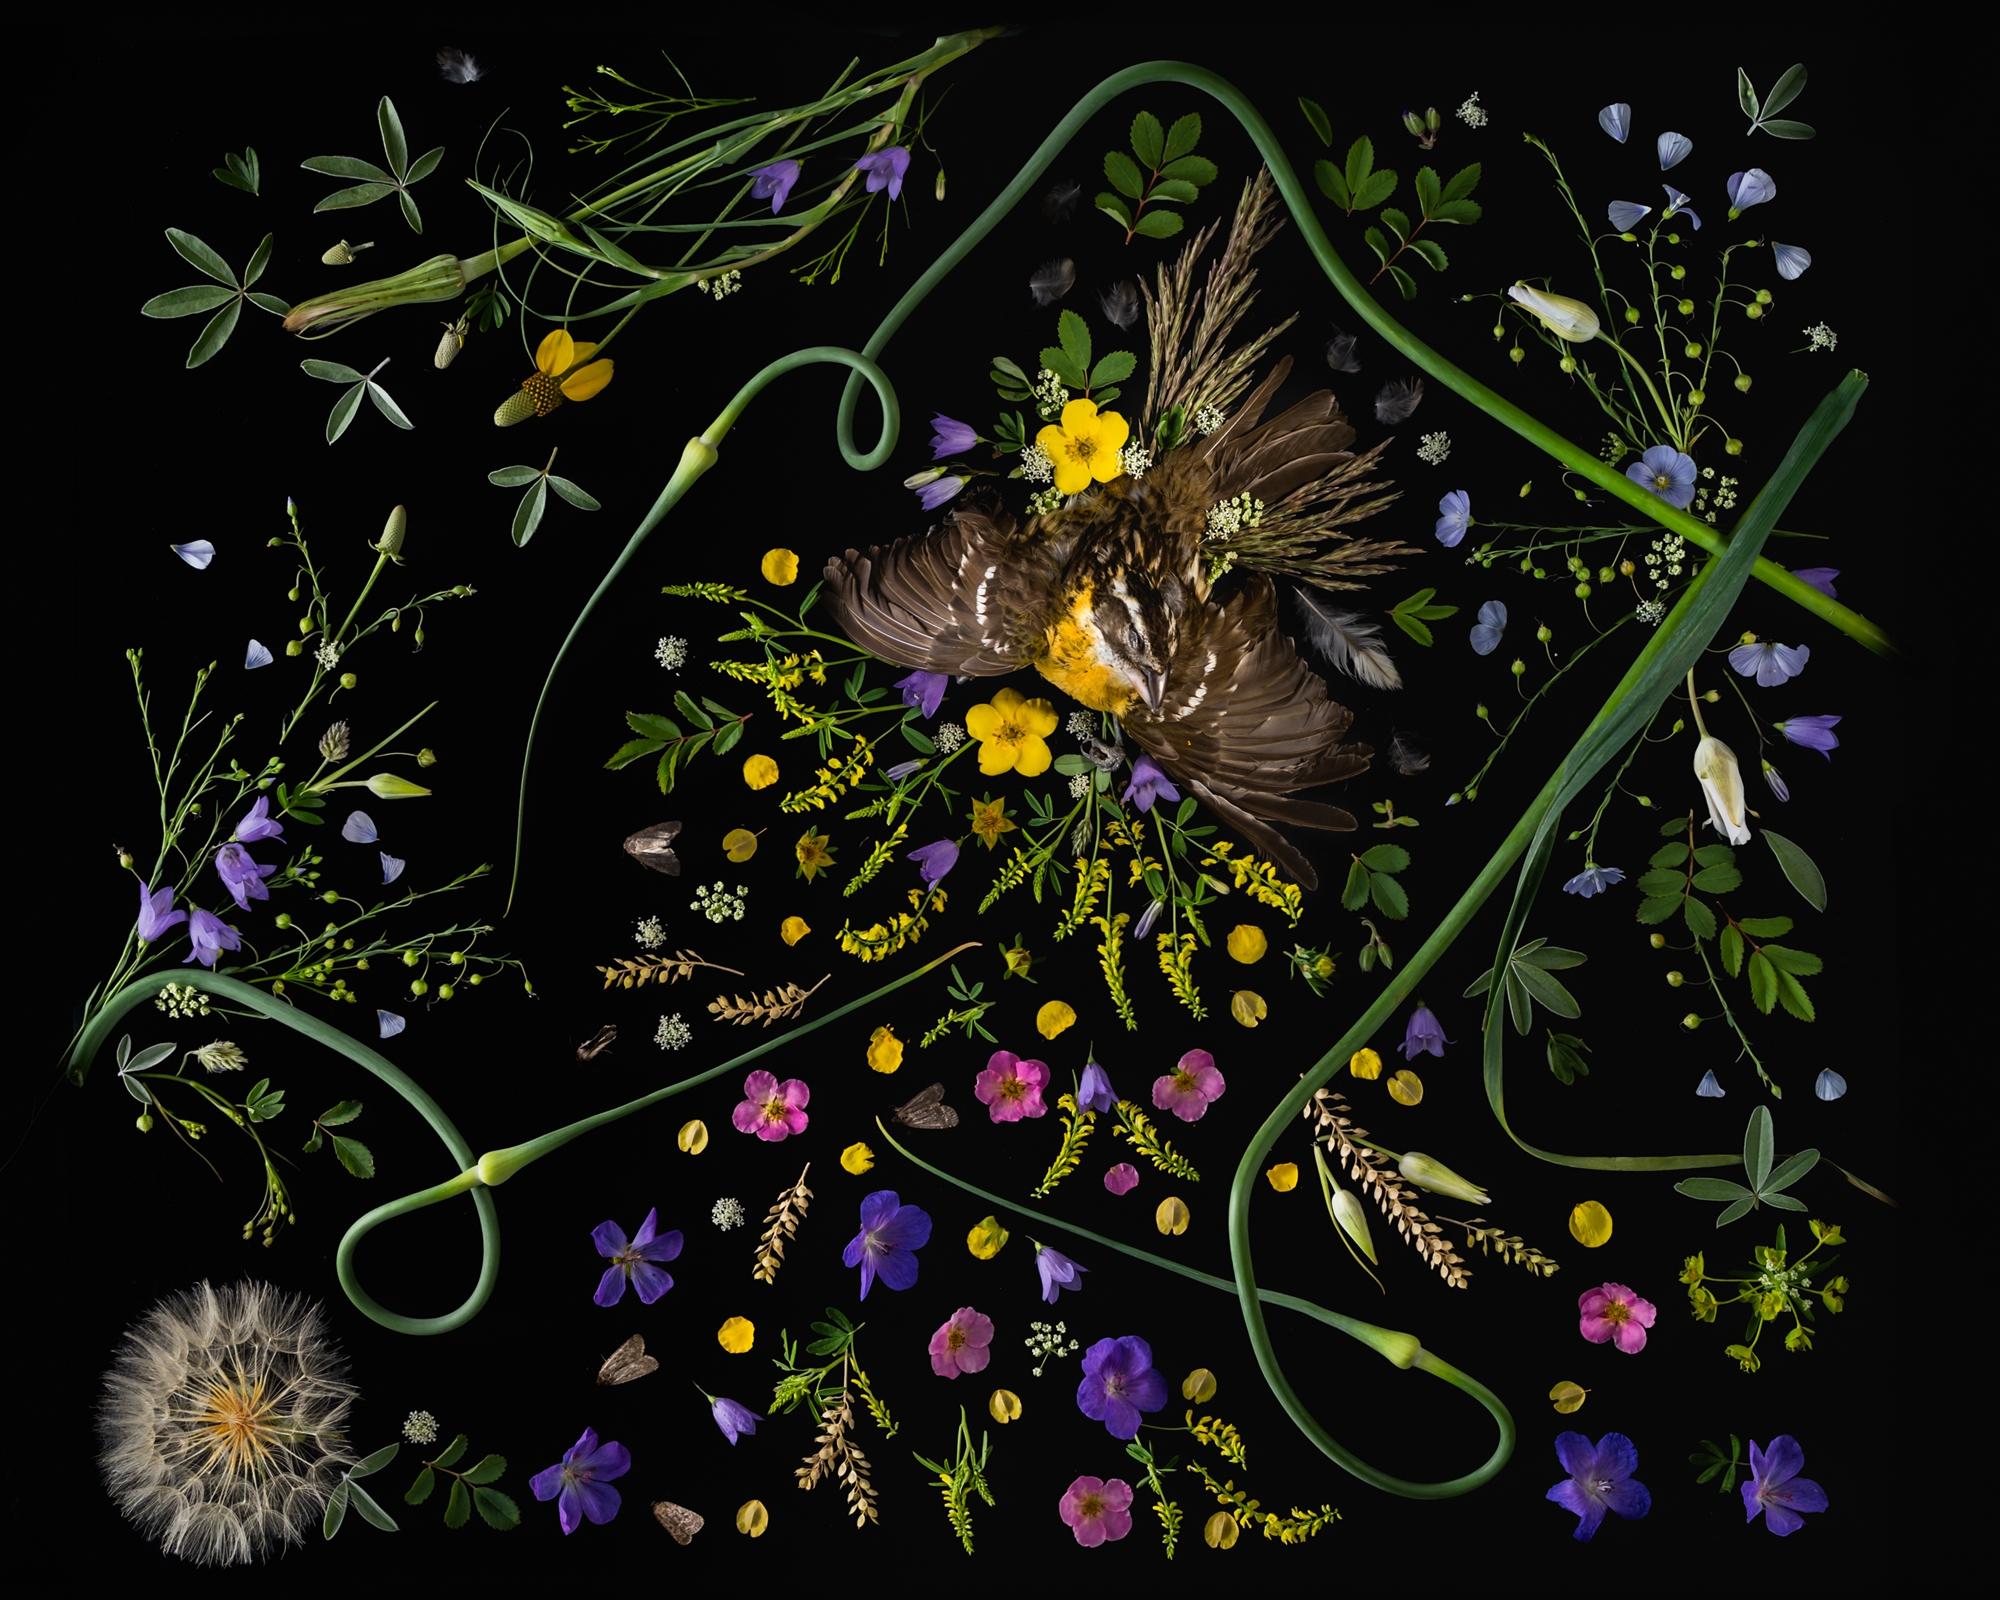 Grosbeak by Jenya Chernoff